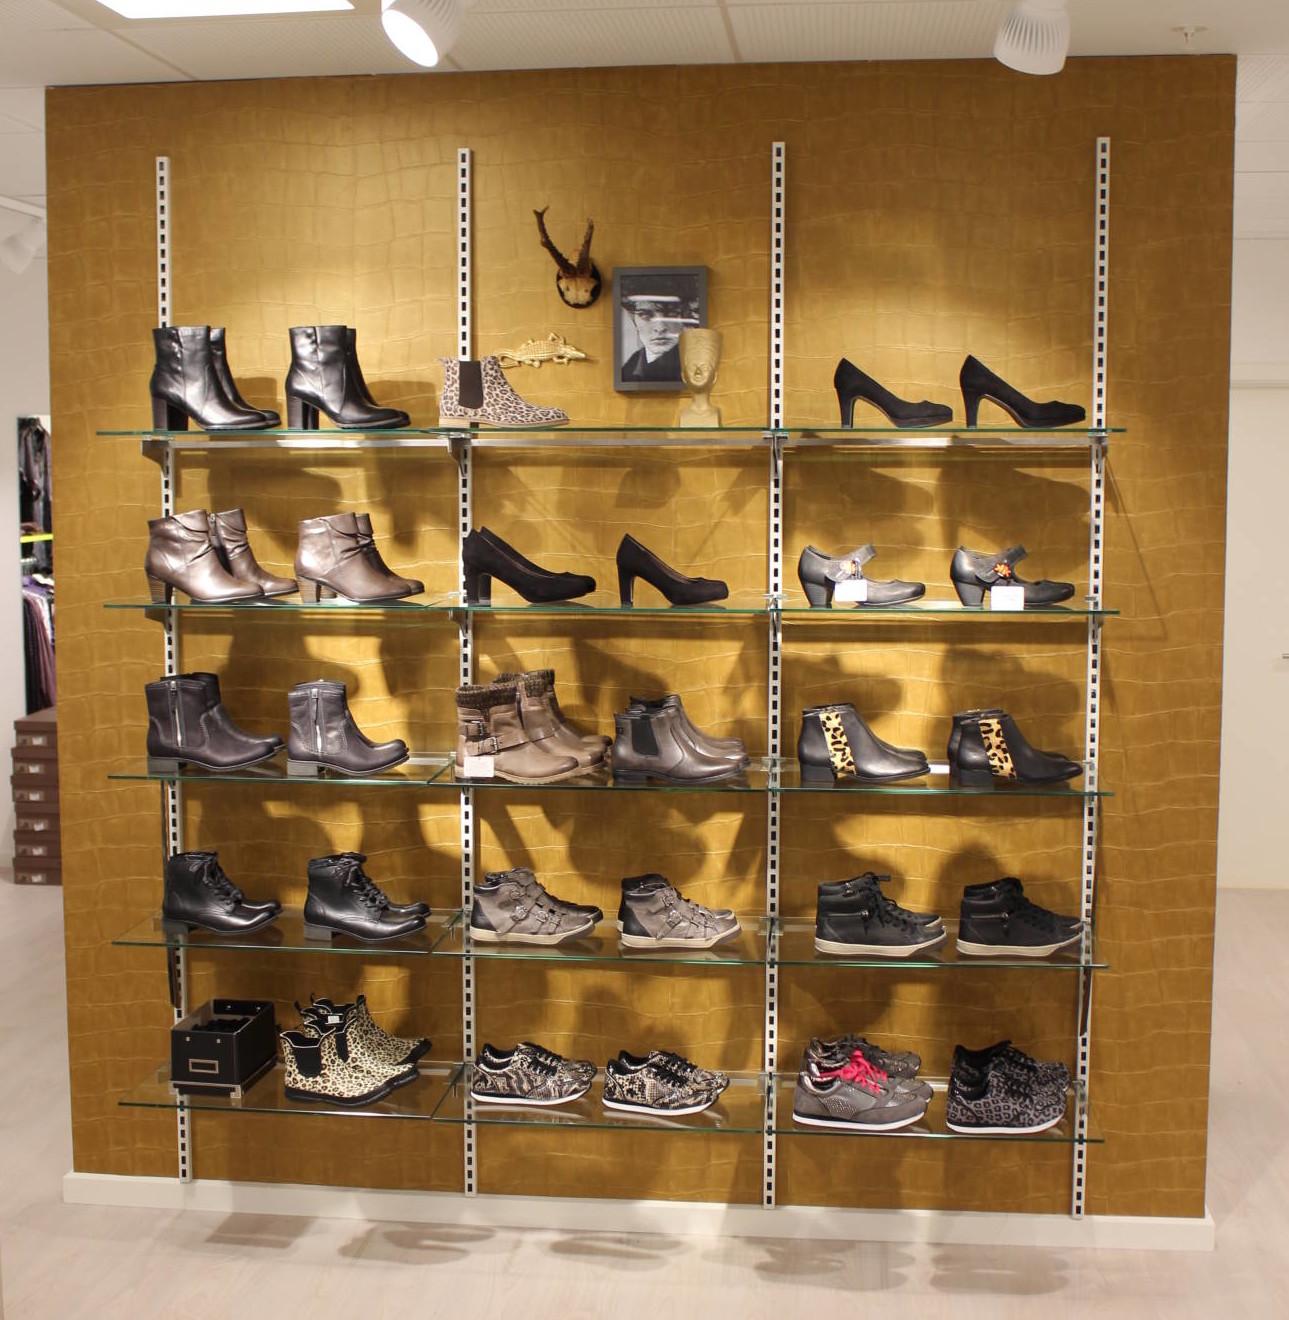 Butiksinventar Flexi, butiksindretningen afvendt i sko afdeling